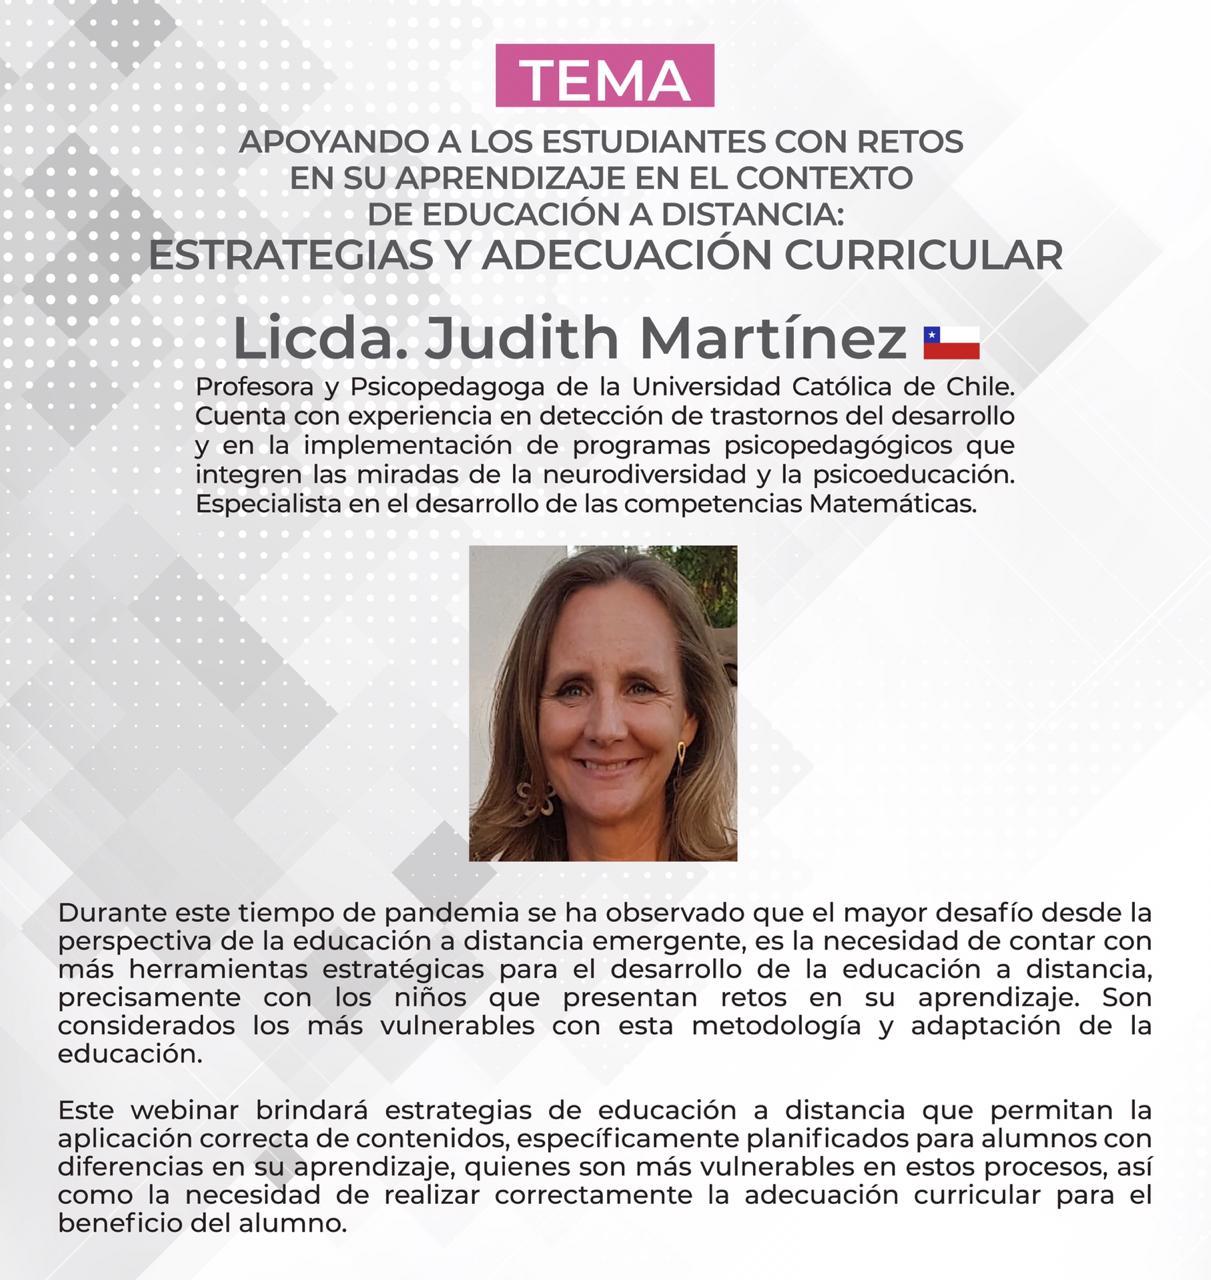 Judith-Martínez-Adecuacion-curricular